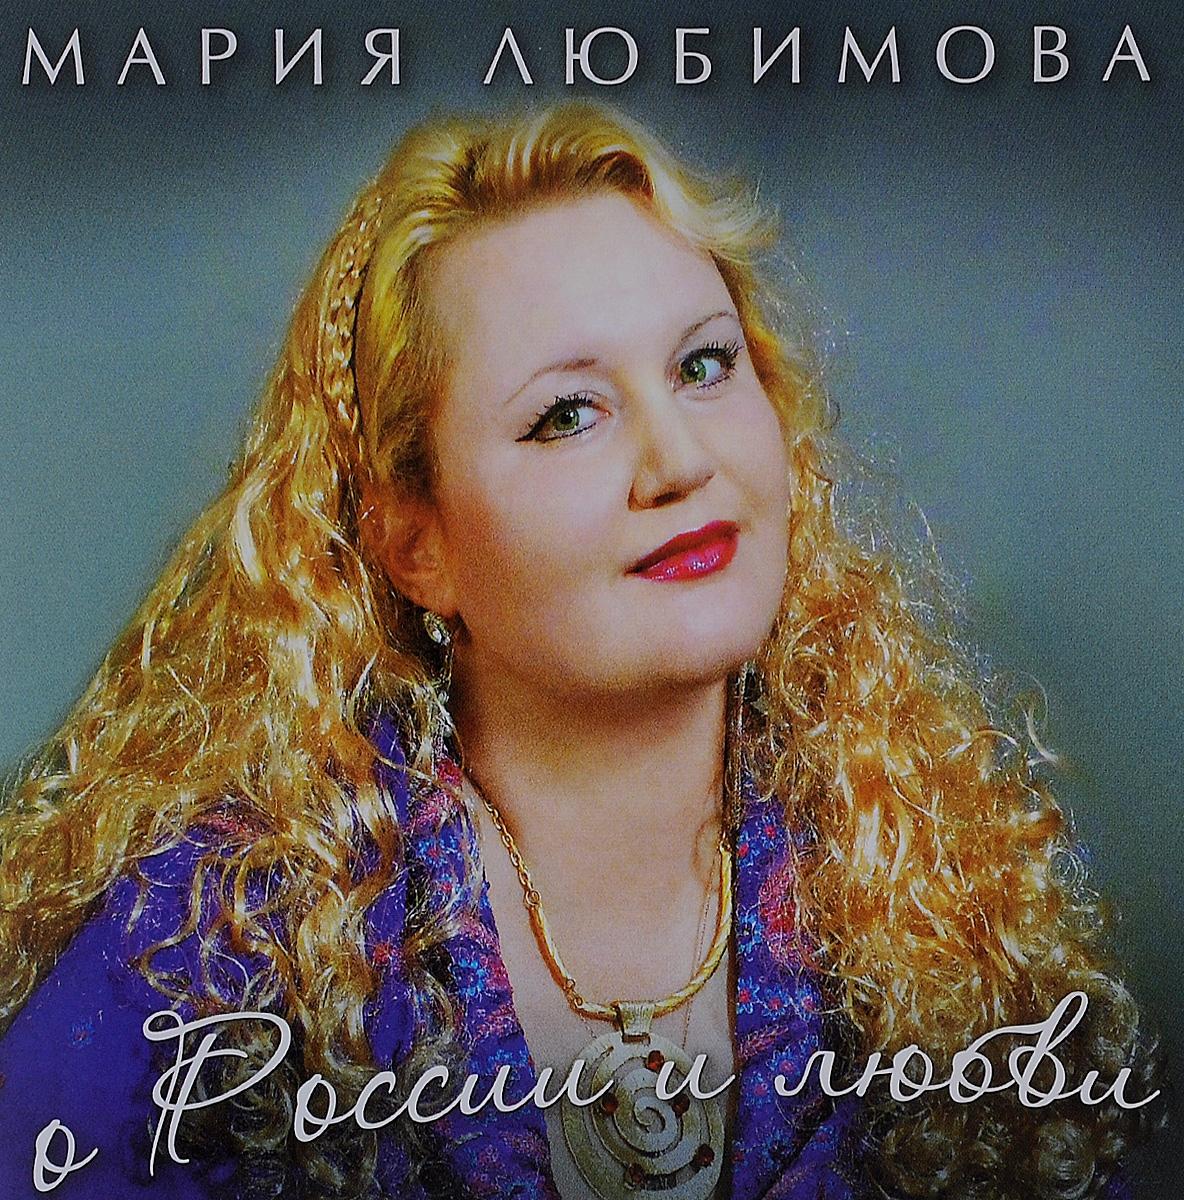 Мария Любимова Мария Любимова. О России и любви мария жукова гладкова ненависть начинается с любви